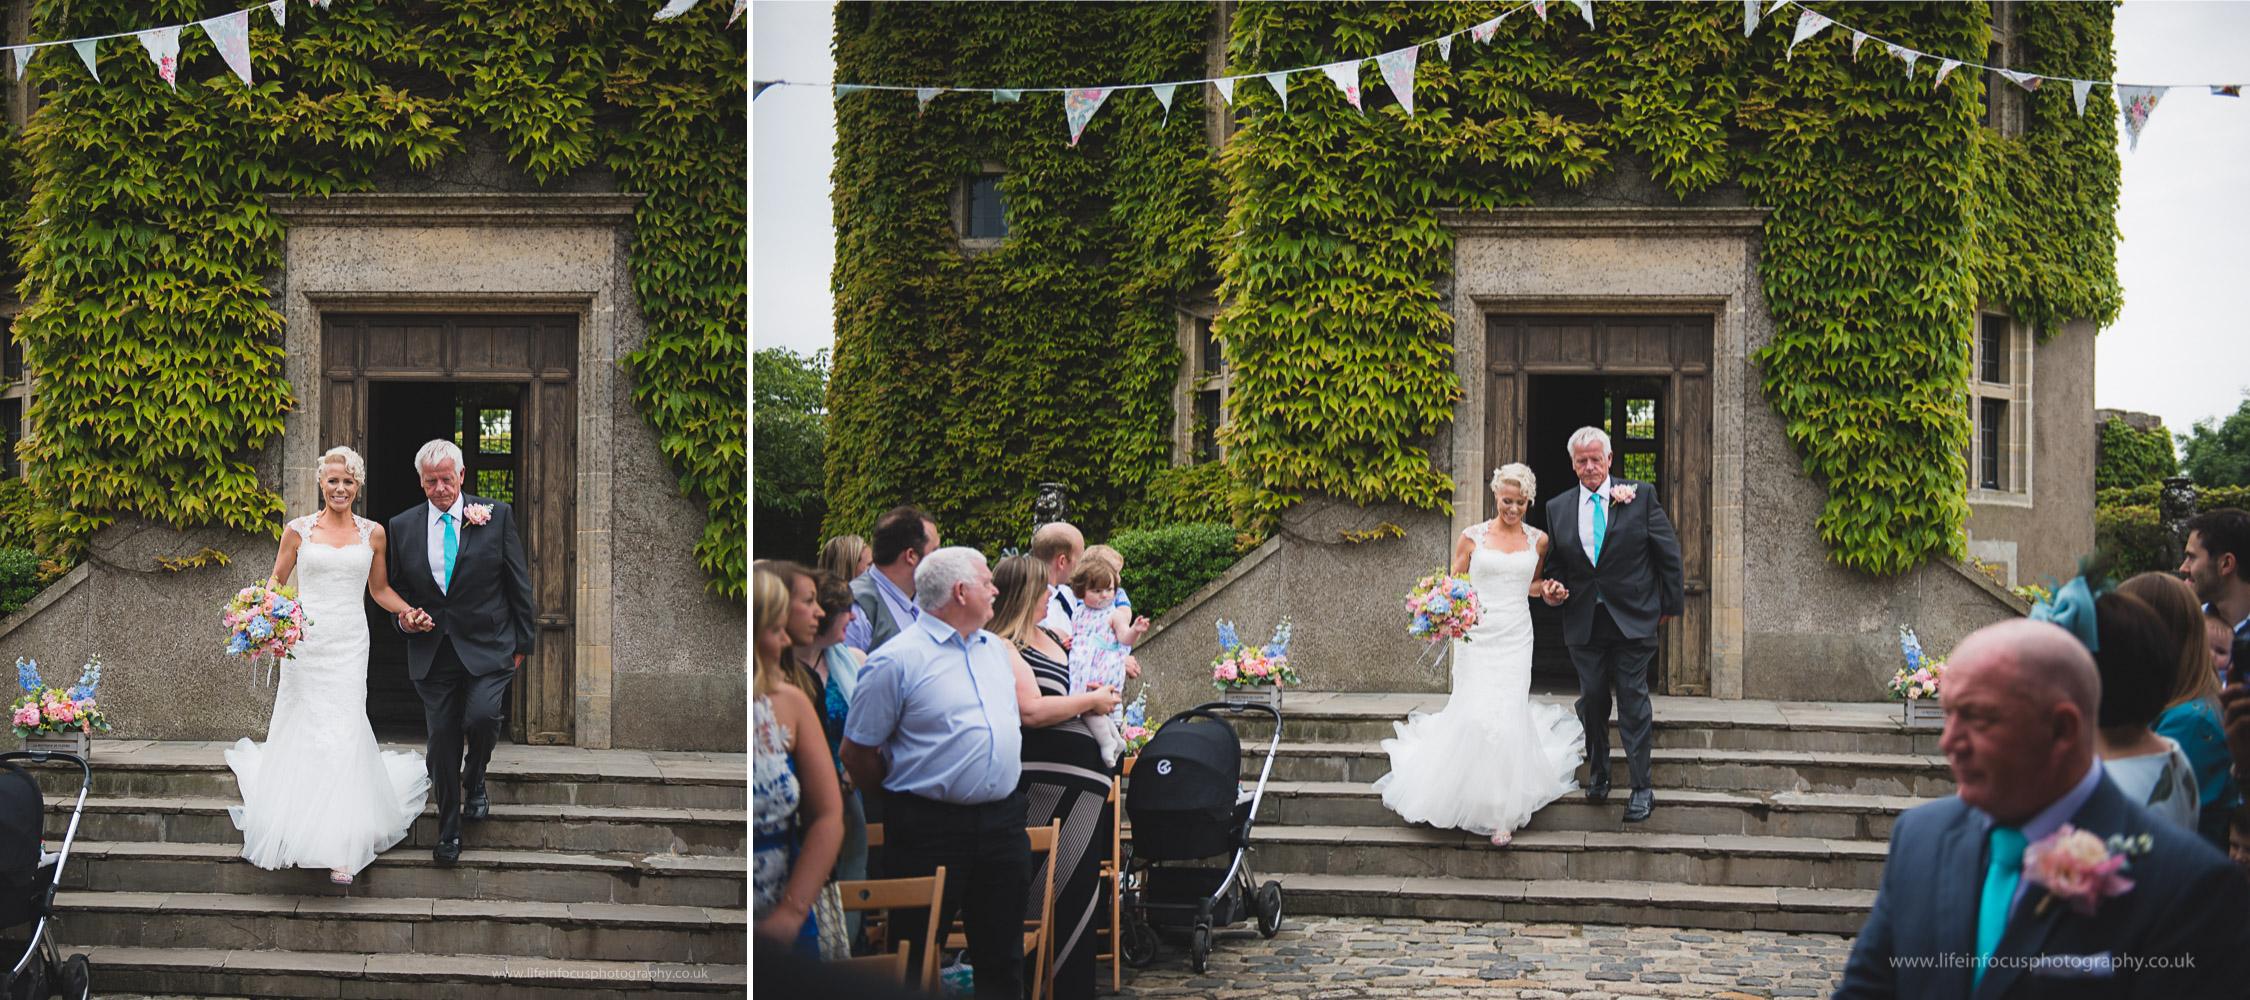 walton-castle-wedding-photographer.jpg